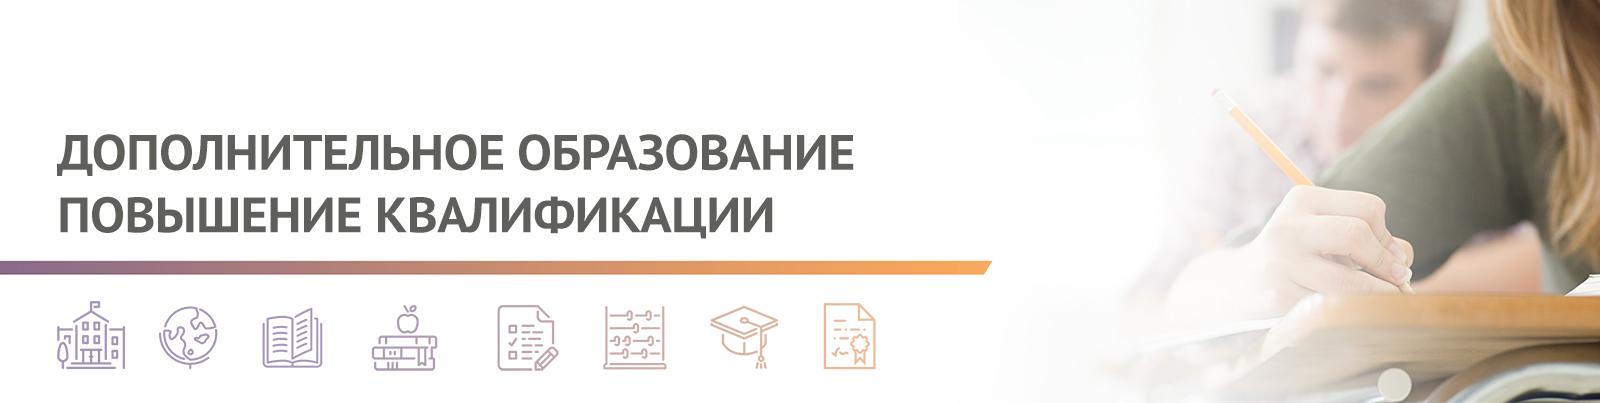 Дополнительные профессиональные программы для повышения квалификации